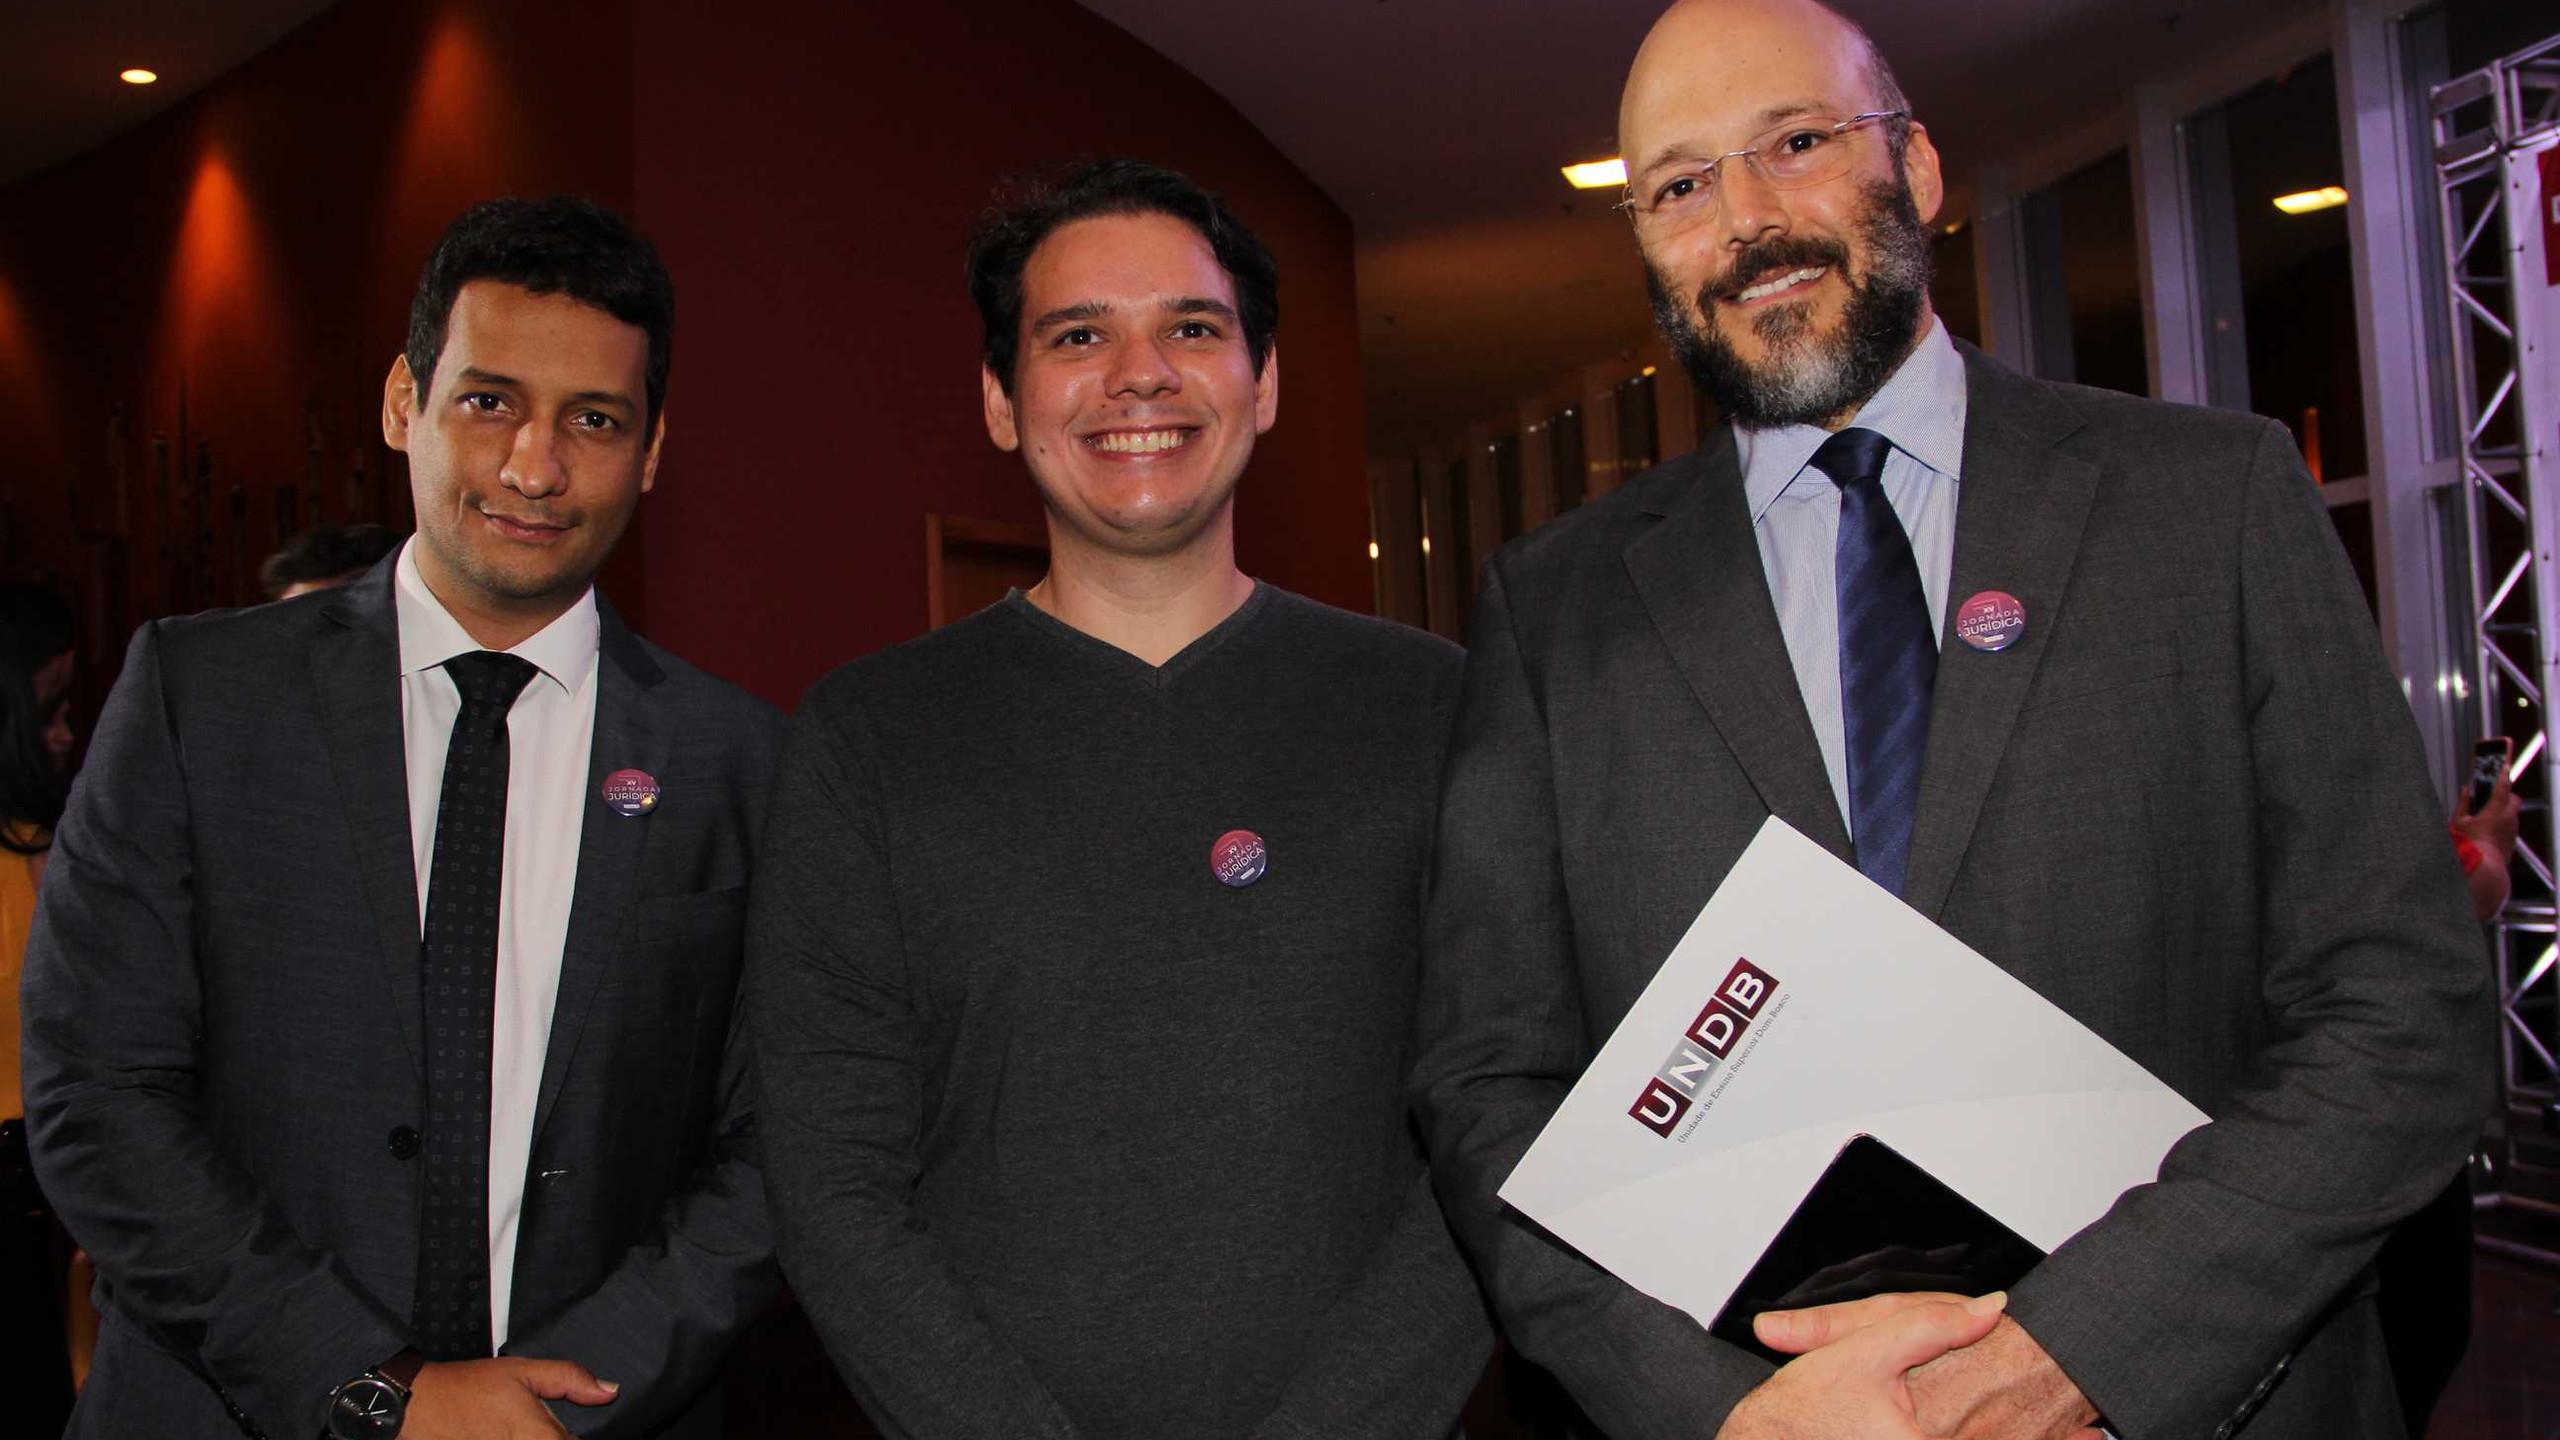 Os professores de Direito da UNDB Paulo Renato, Ruan Bruzaca e Daniel Rodrigues.